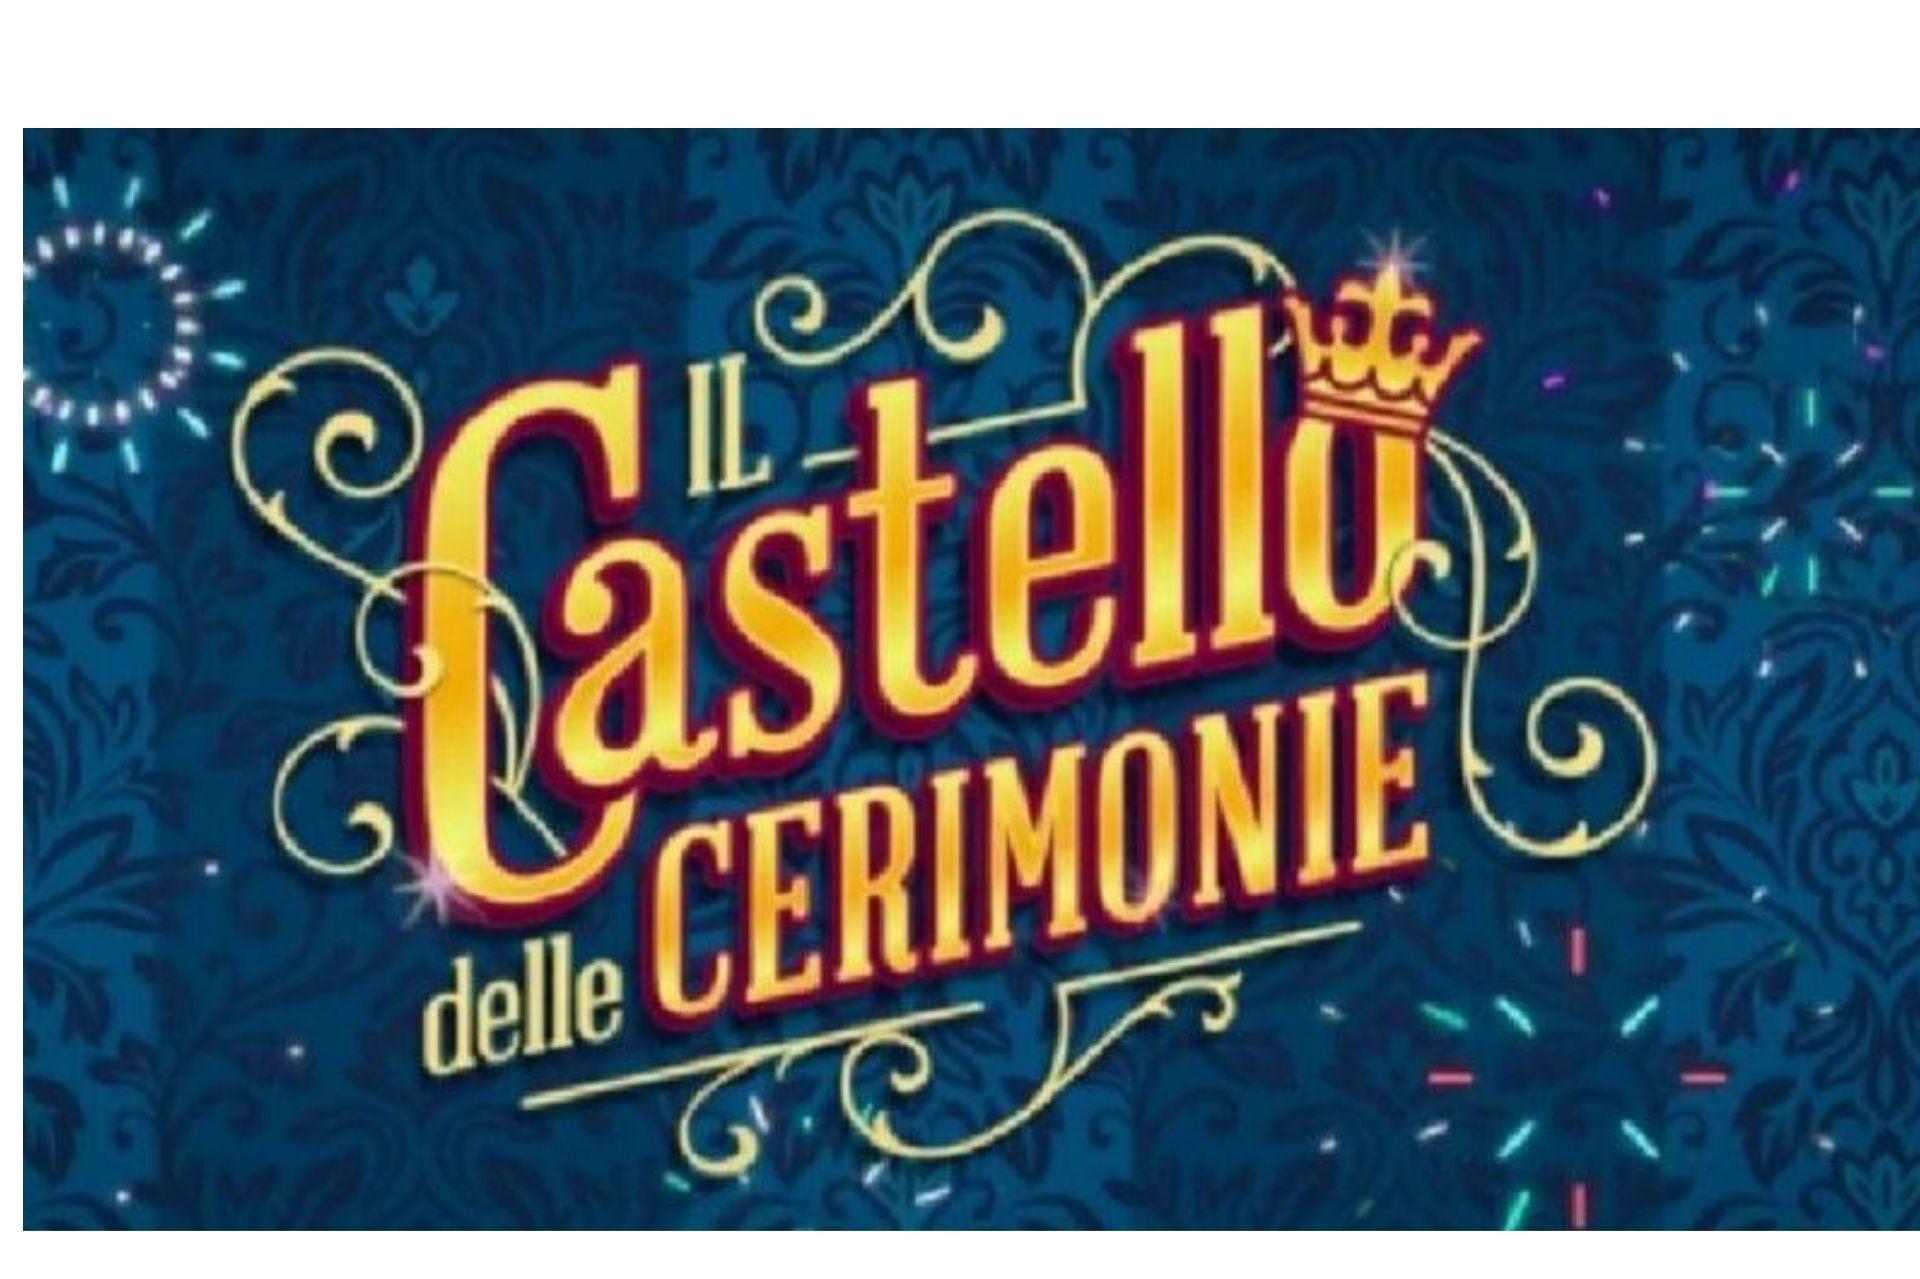 Quanto Costa Una Cena Al Castello Delle Cerimonie I Prezzi Food Blog